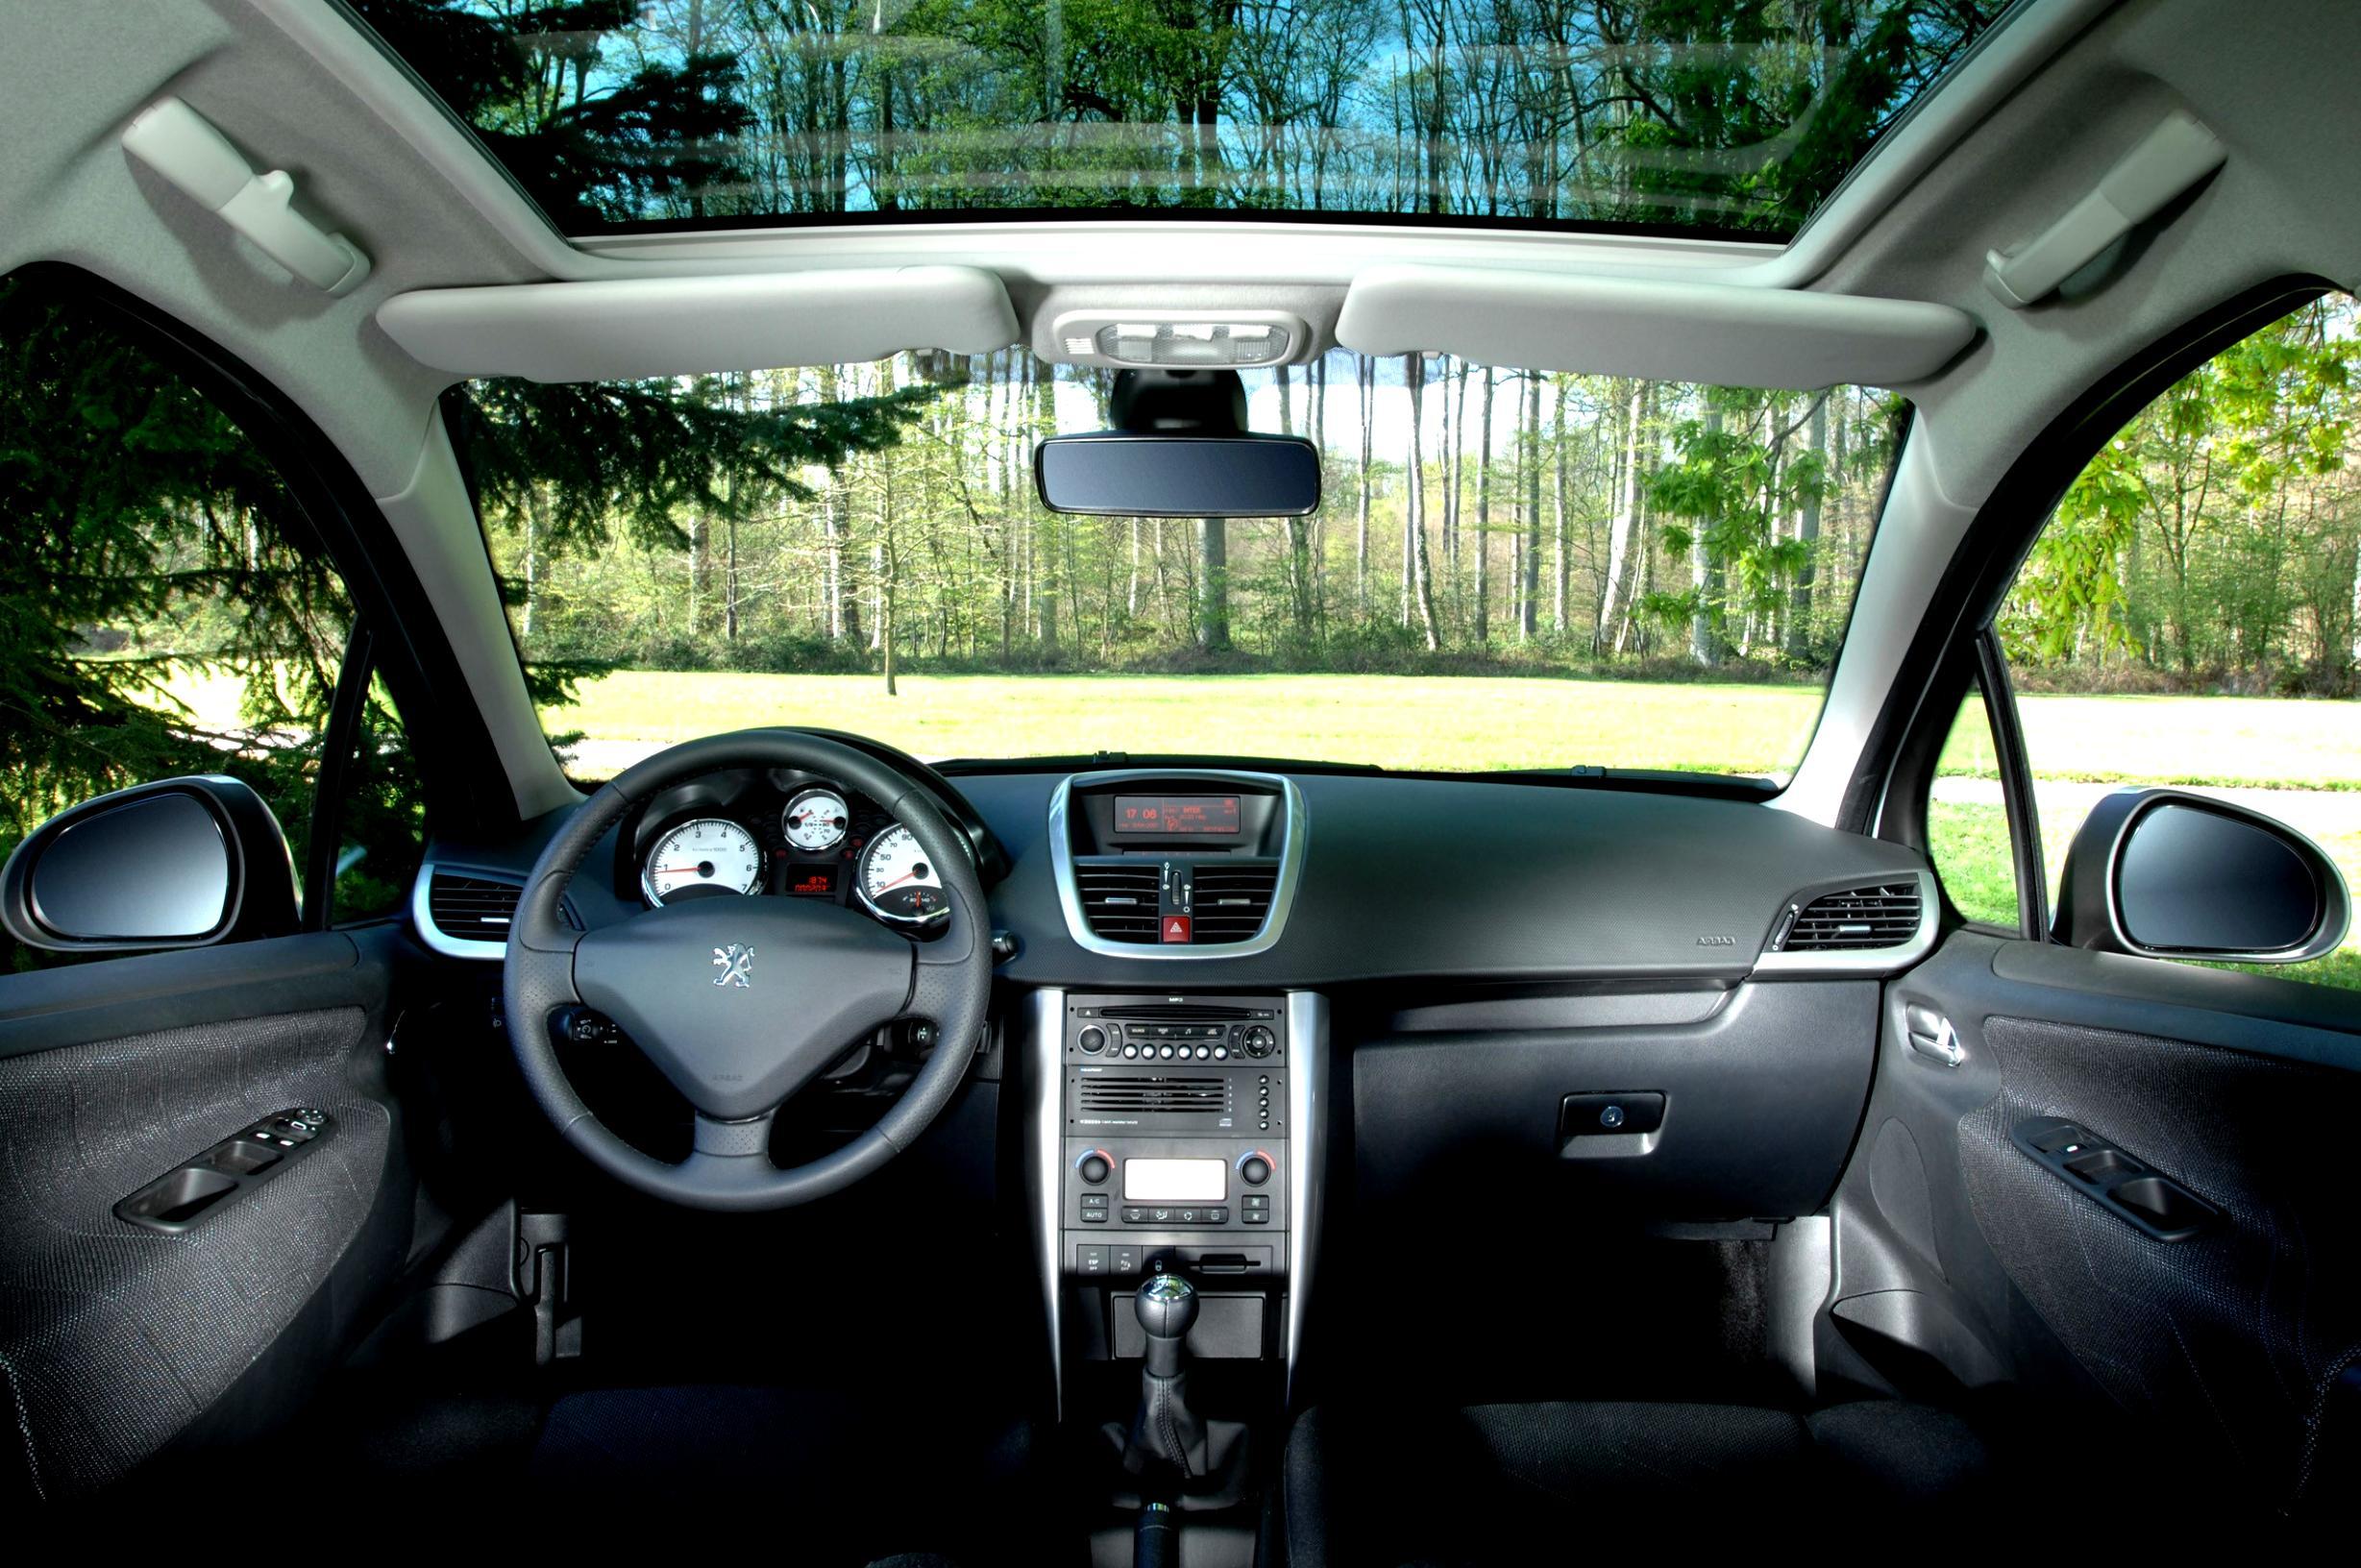 Воспроизведение музыки с USB-носителей на штатной магнитоле Peugeot 207